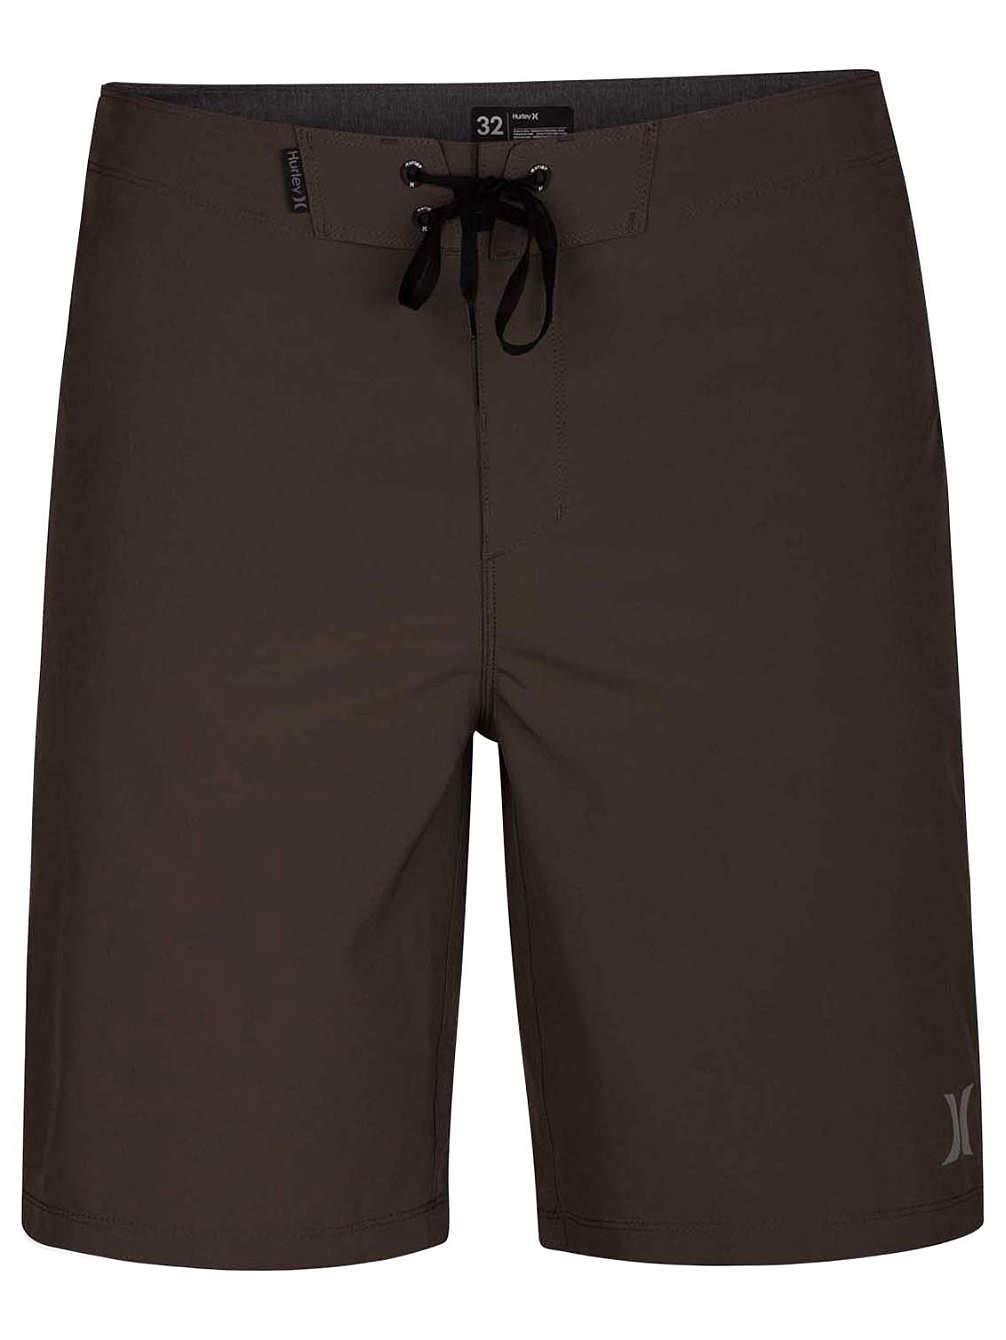 Hurley Herren Boardshorts Phantom One & & & Only 20' Boardshorts B0792LZHW9 Badeshorts Hervorragende Eigenschaften 533529